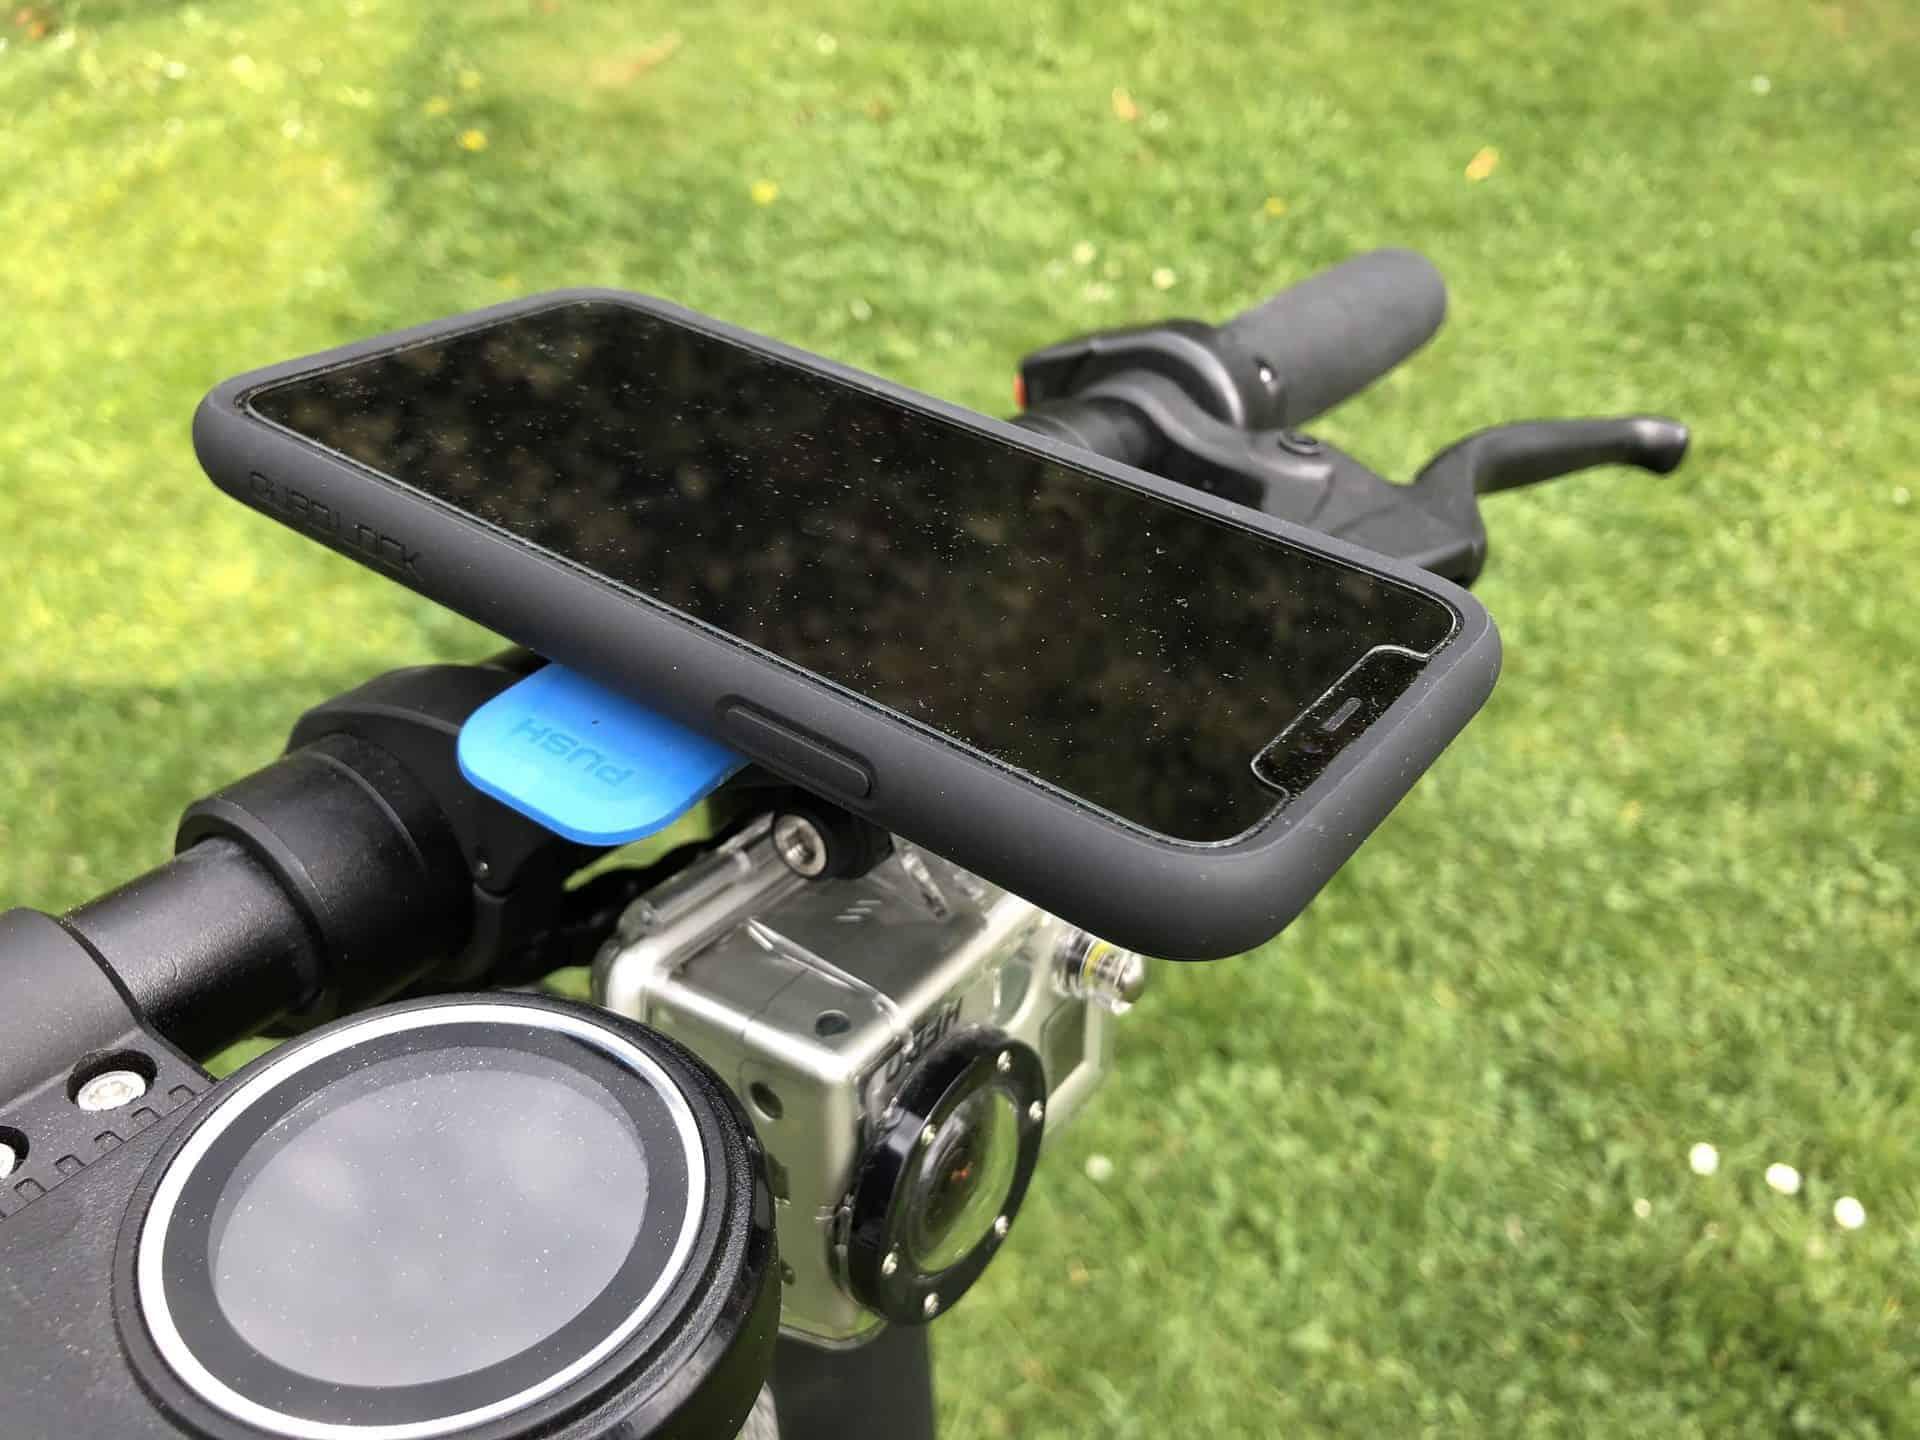 Quad_Lock_Front_Fahrradhalterung_und_Action_Kamera_Adapter